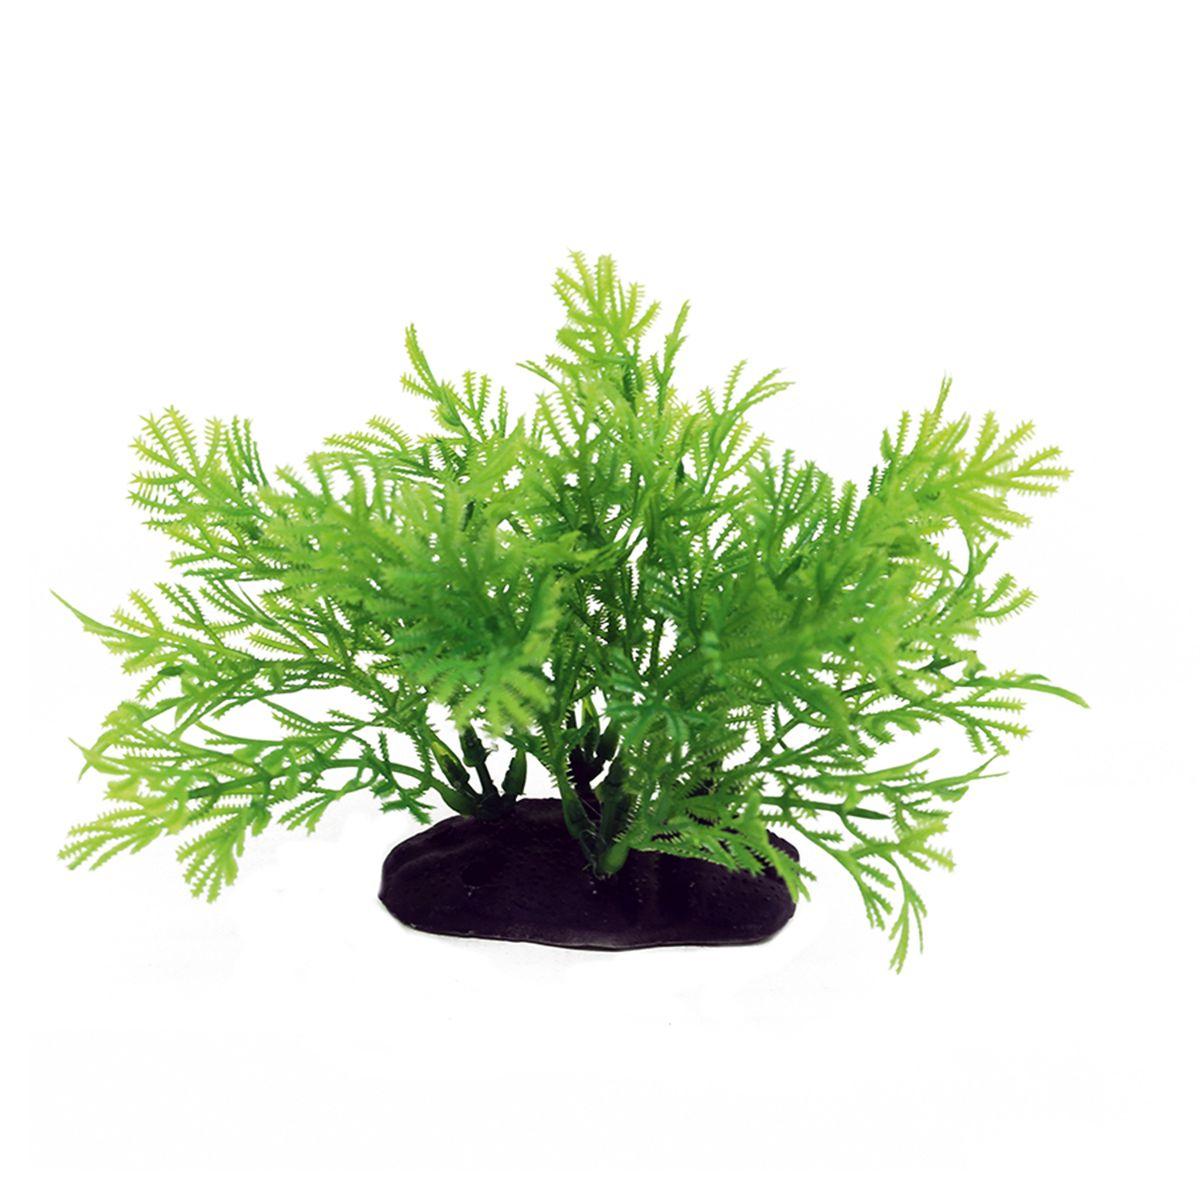 Растение для аквариума ArtUniq Хоттония, высота 10-12 смART-1192114Растение для аквариума ArtUniq Хоттония, высота 10-12 см